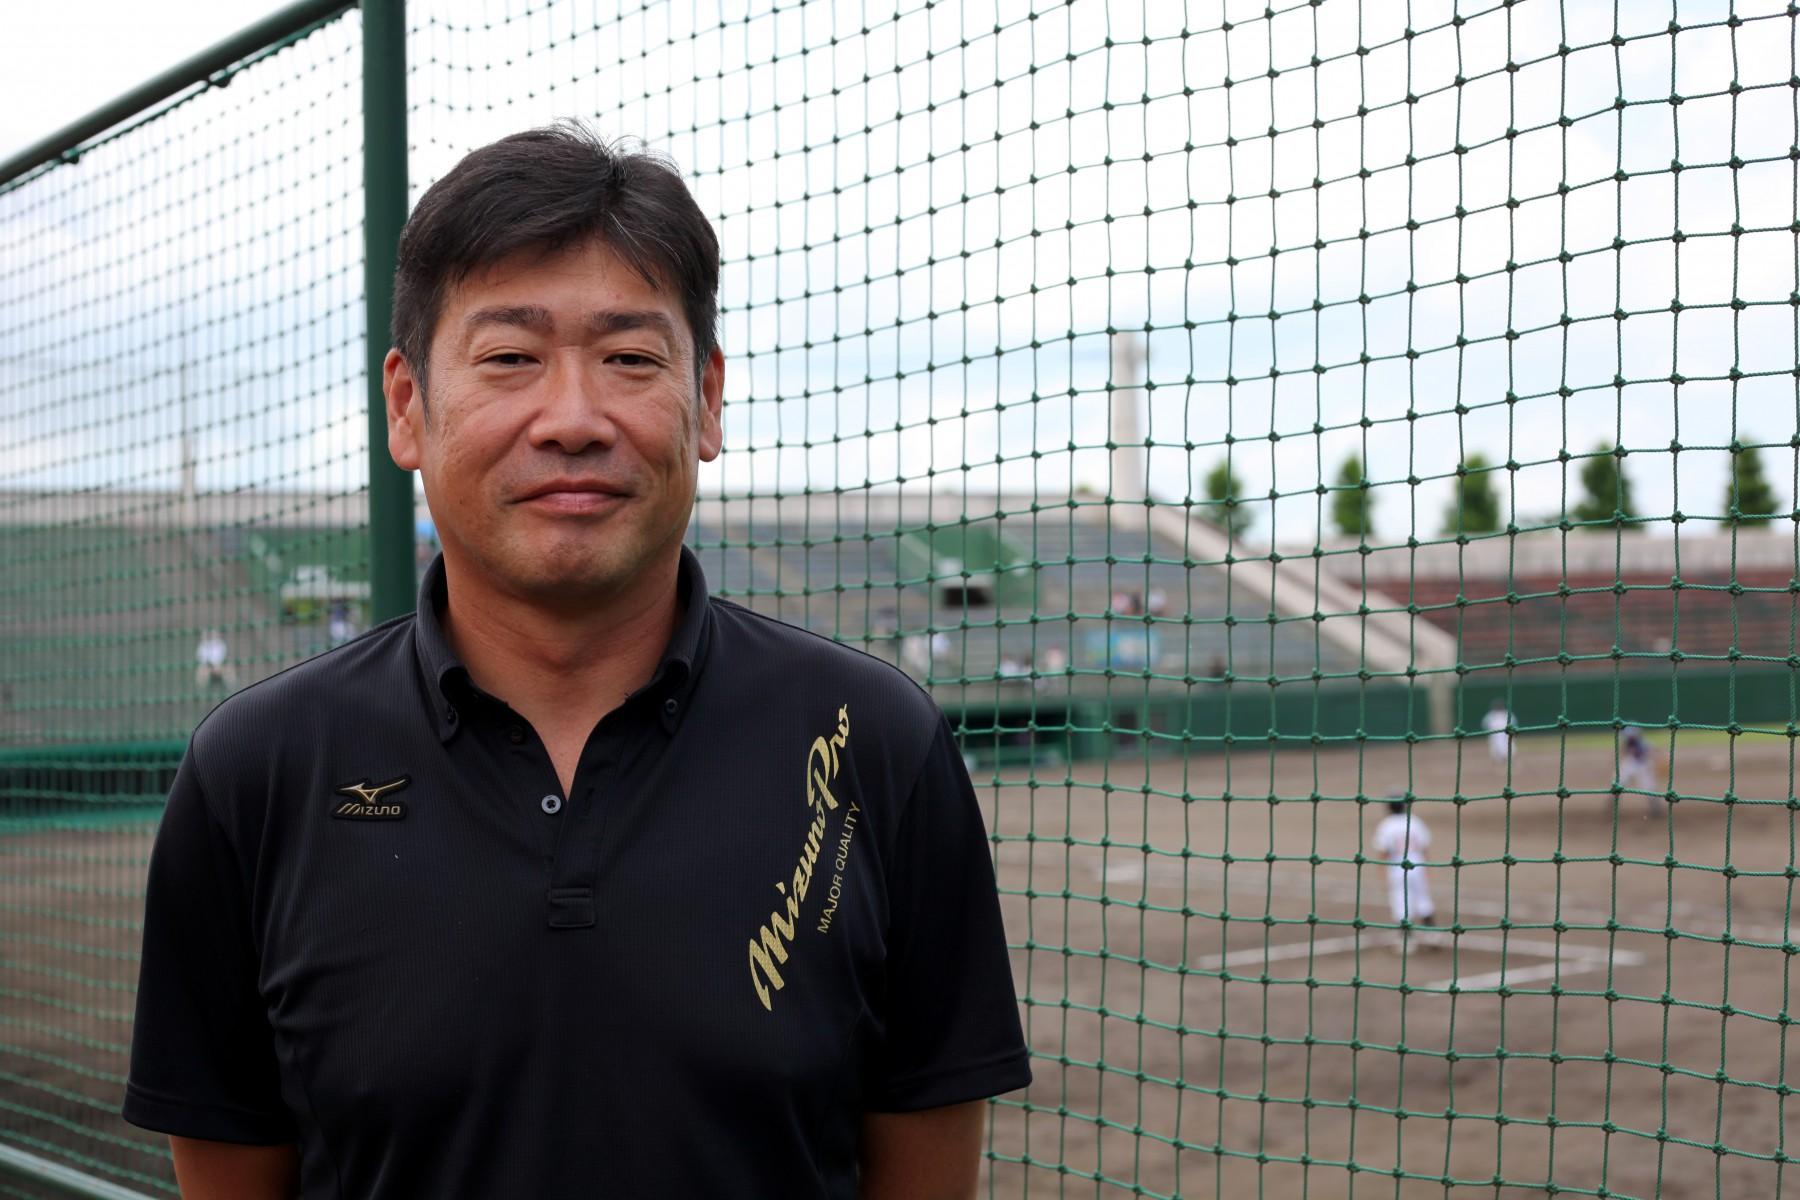 中越高校野球部OB鈴木裕二さん。第70回夏の甲子園大会に出場。